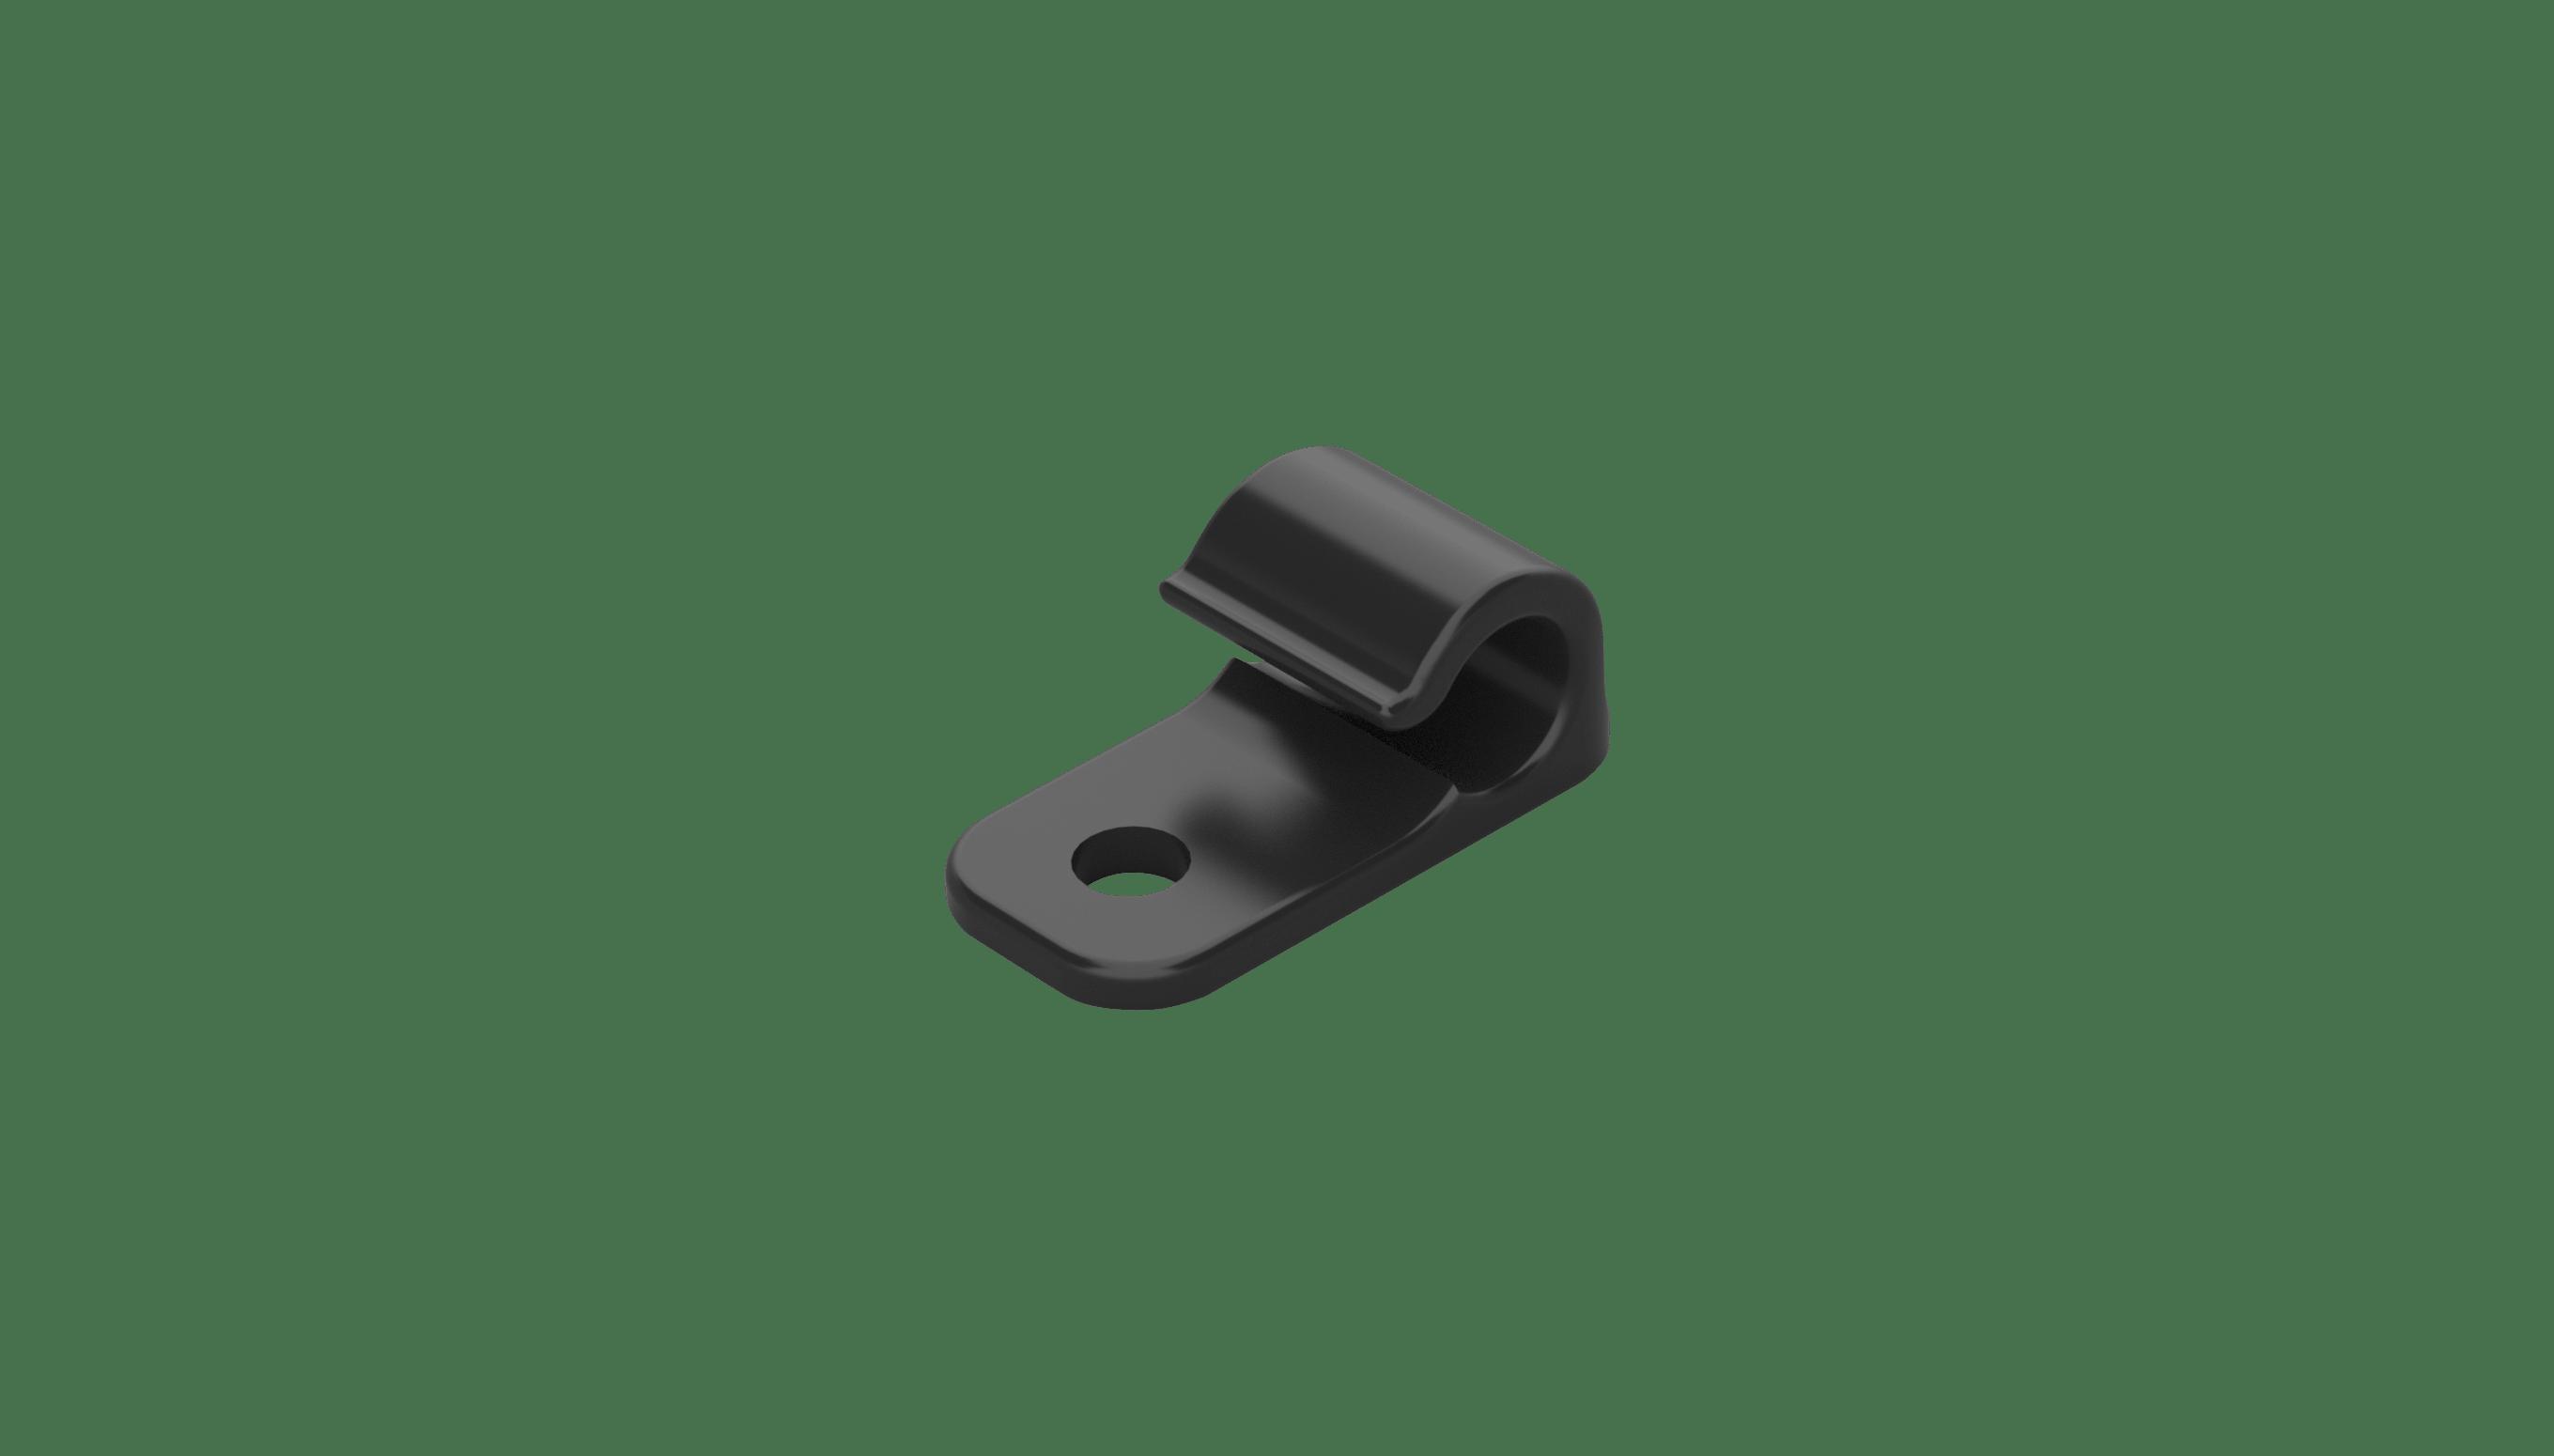 KS Tube clamp 6 8mm